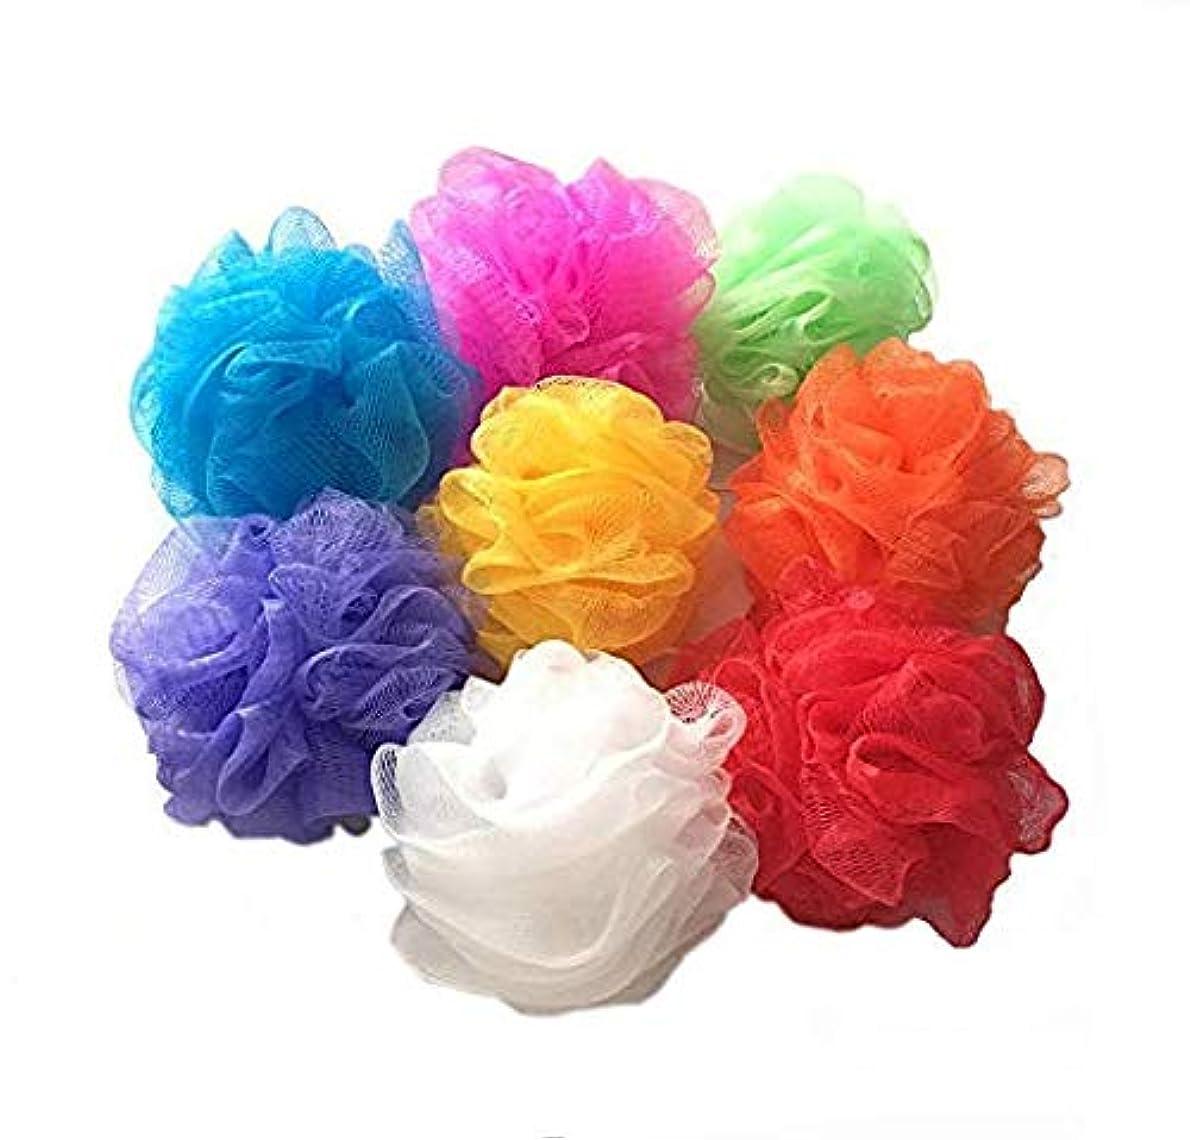 チーフまもなく反発するボディスポンジ 泡立てネット 柔軟 シャワー用 ボディ用お風呂ボール 花形 タオル ネットバスボール 花ボディースポンジ 8 個入 (マルチカラー)